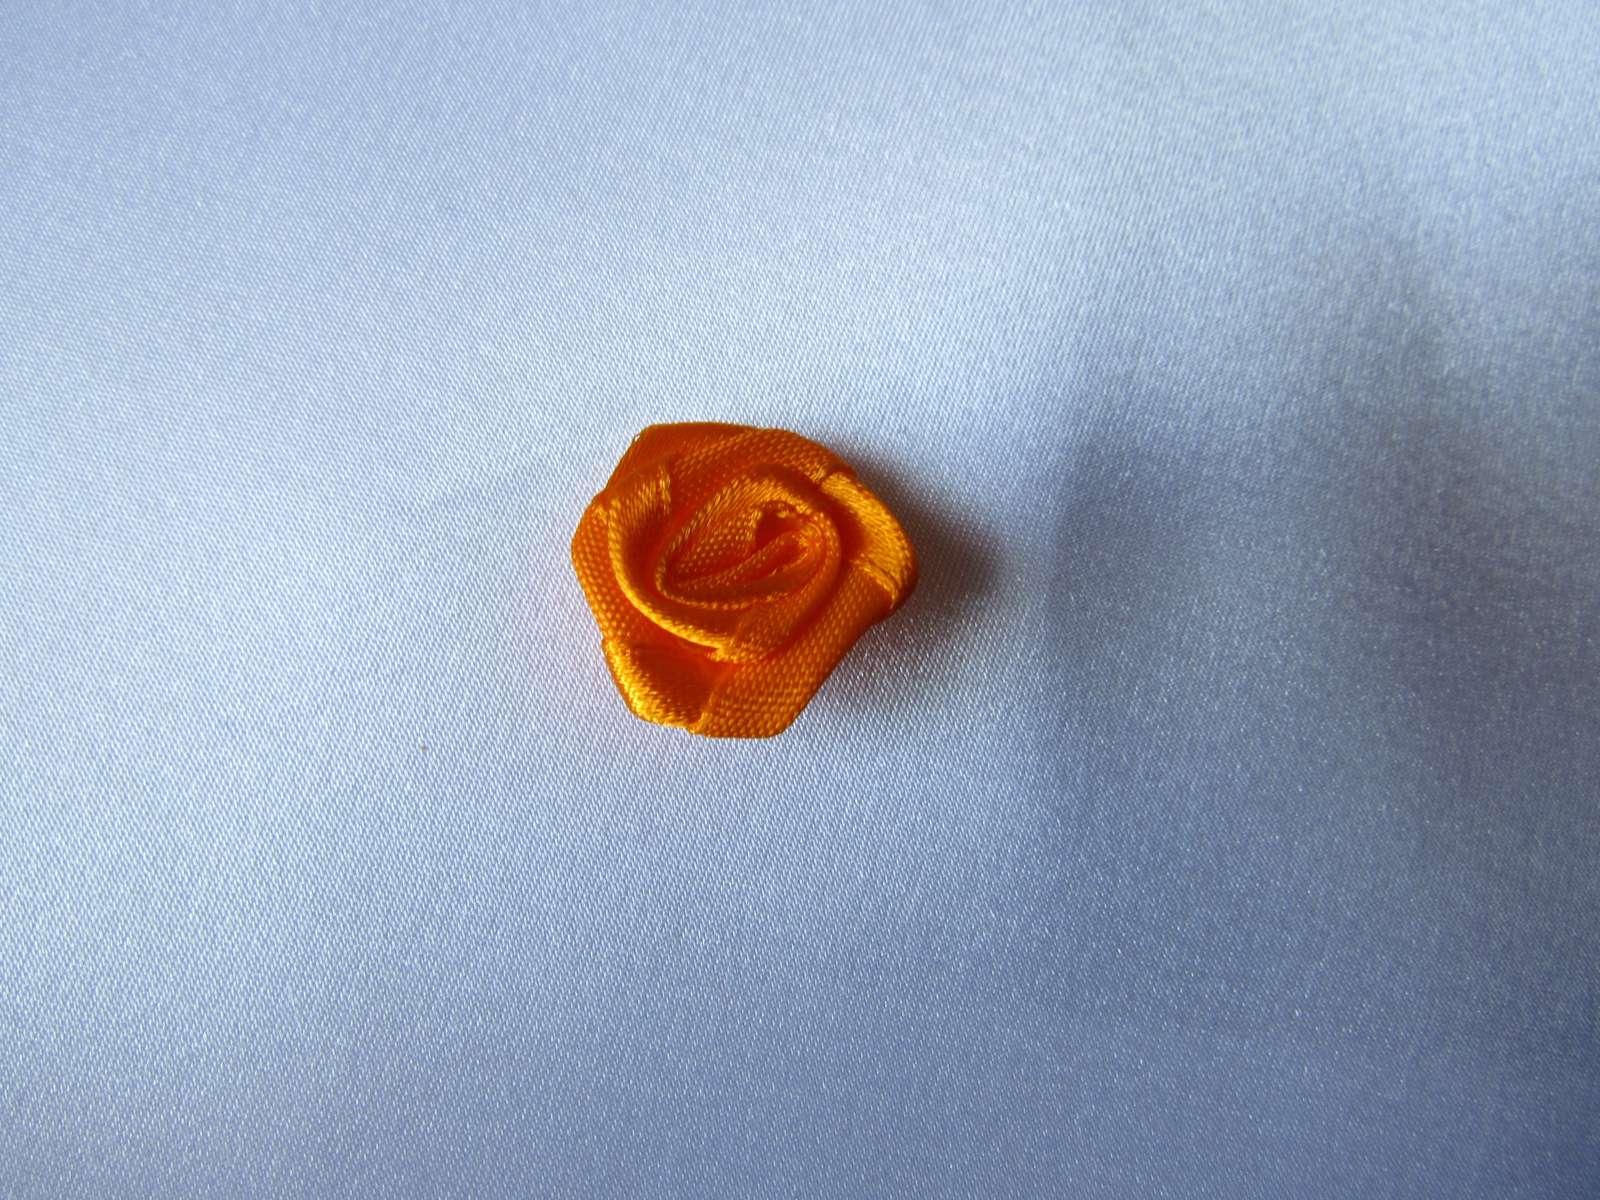 Oranžové saténové kytičky - 2 cm - Obrázek č. 1